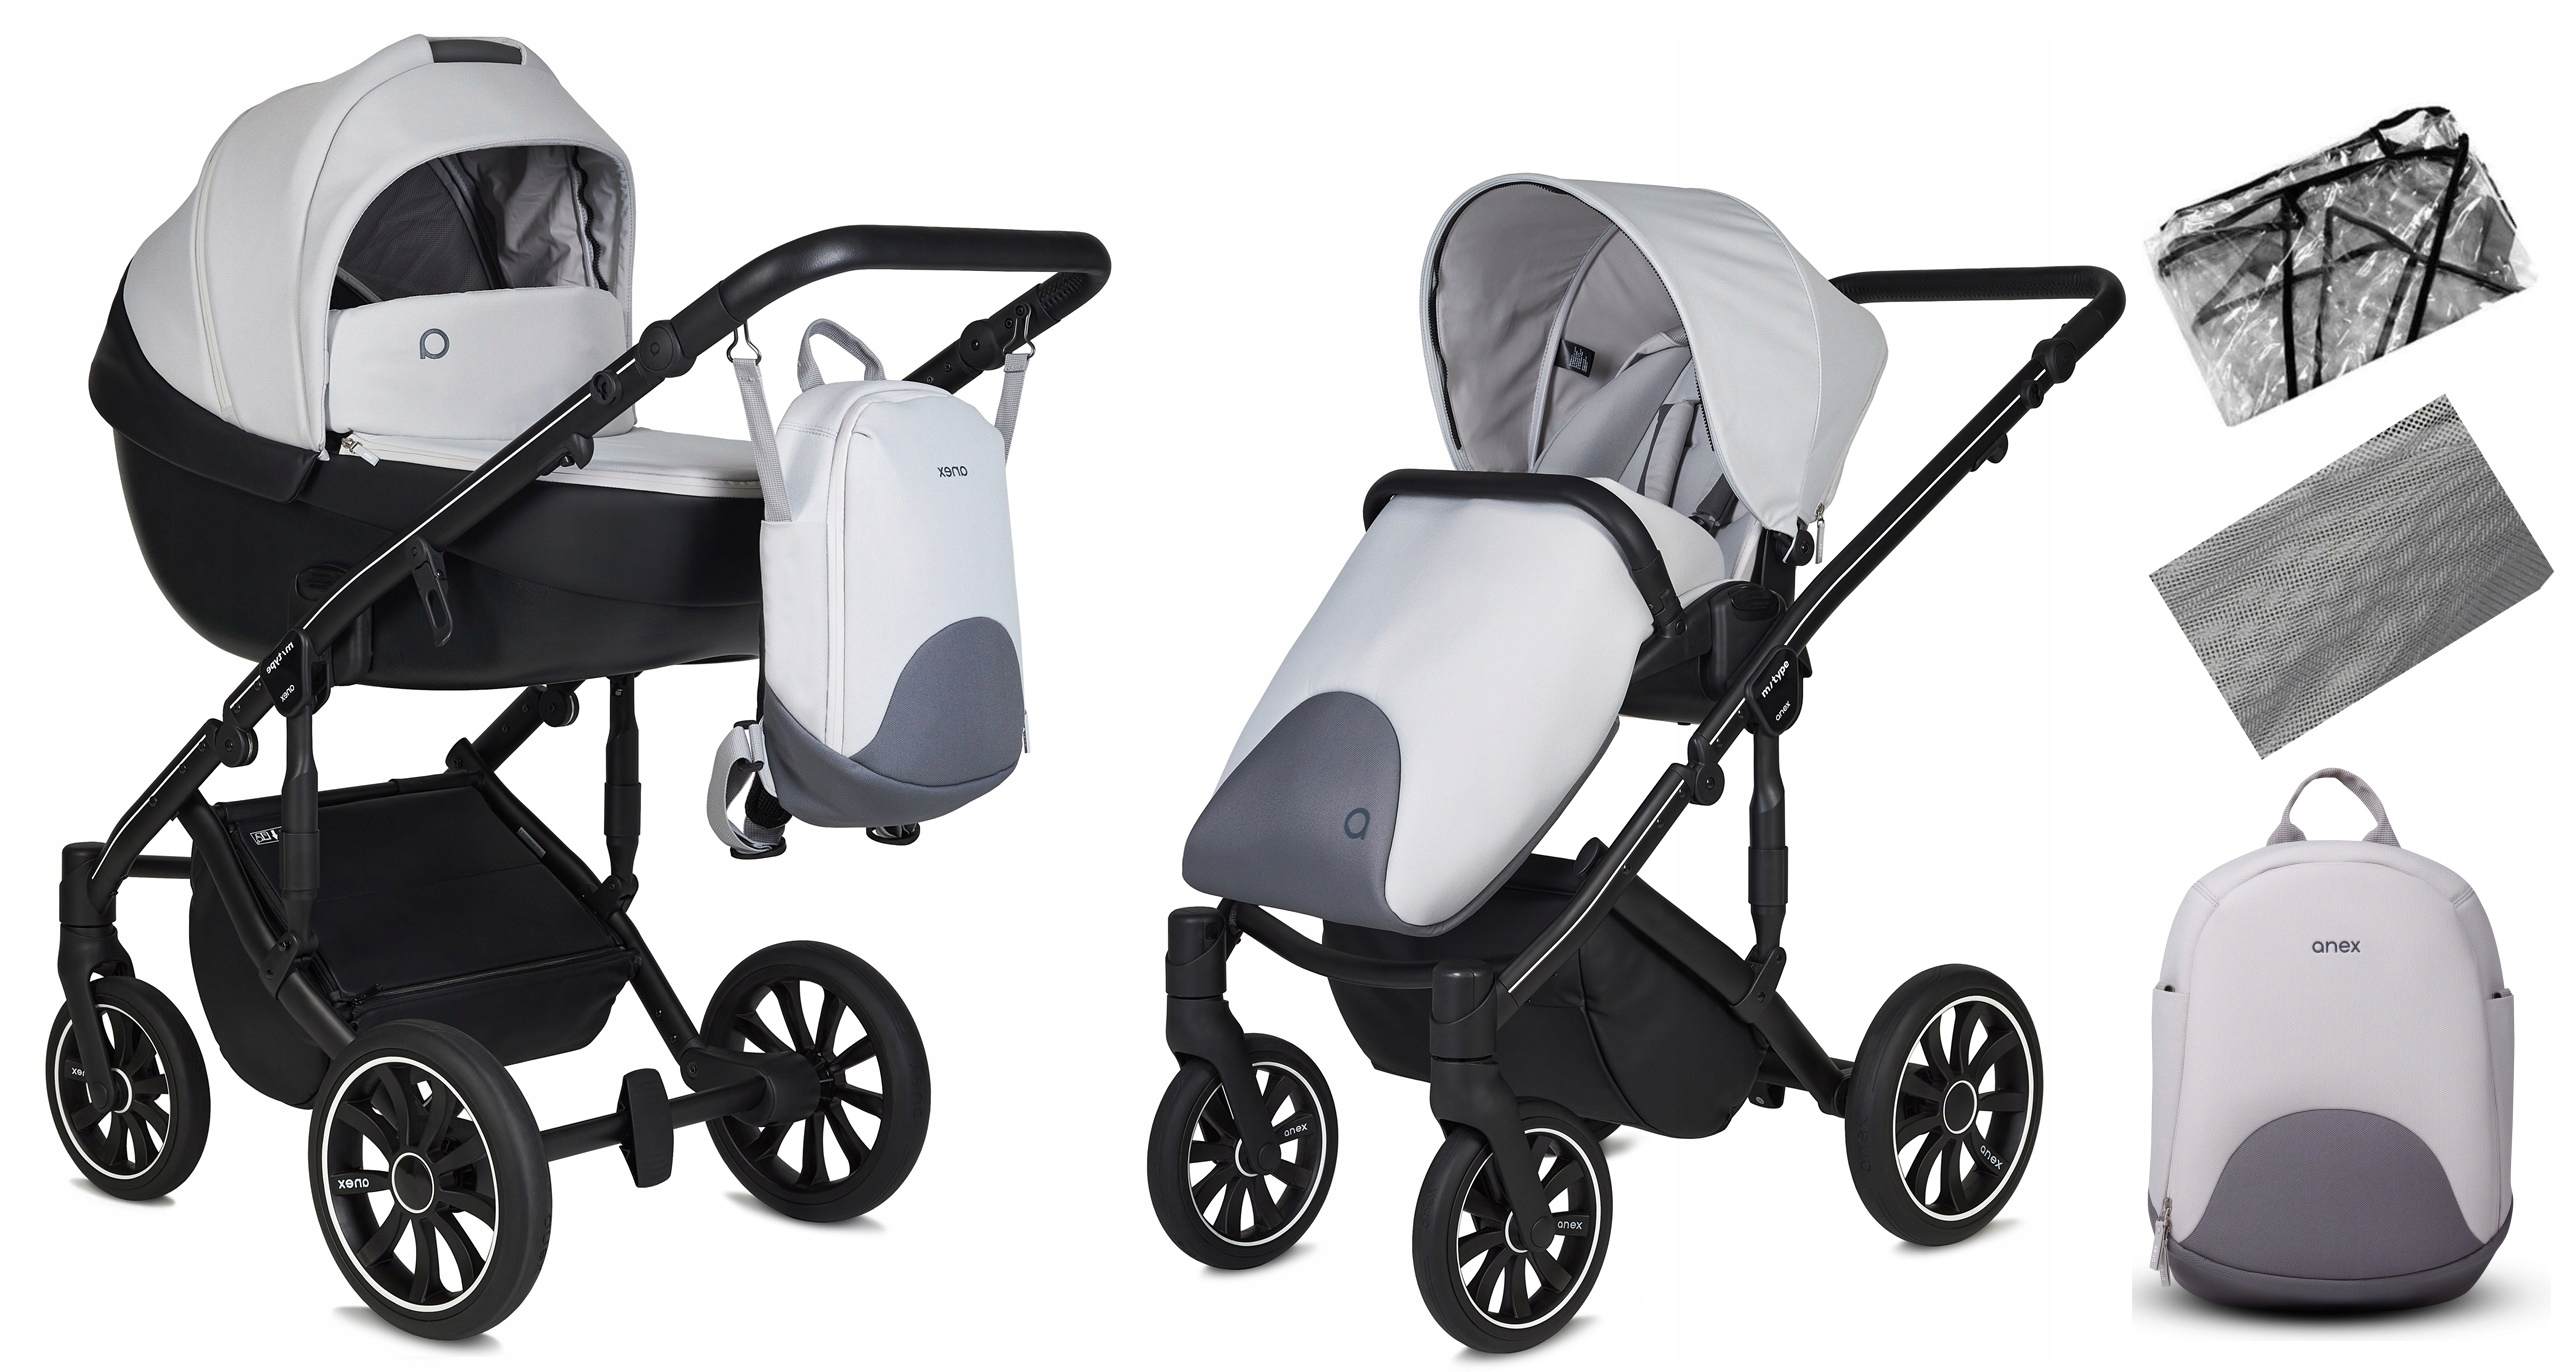 ANEX wózek wielofunkcyjny 2w1 M/TYPE INVERSE 9922442497 - Allegro.pl